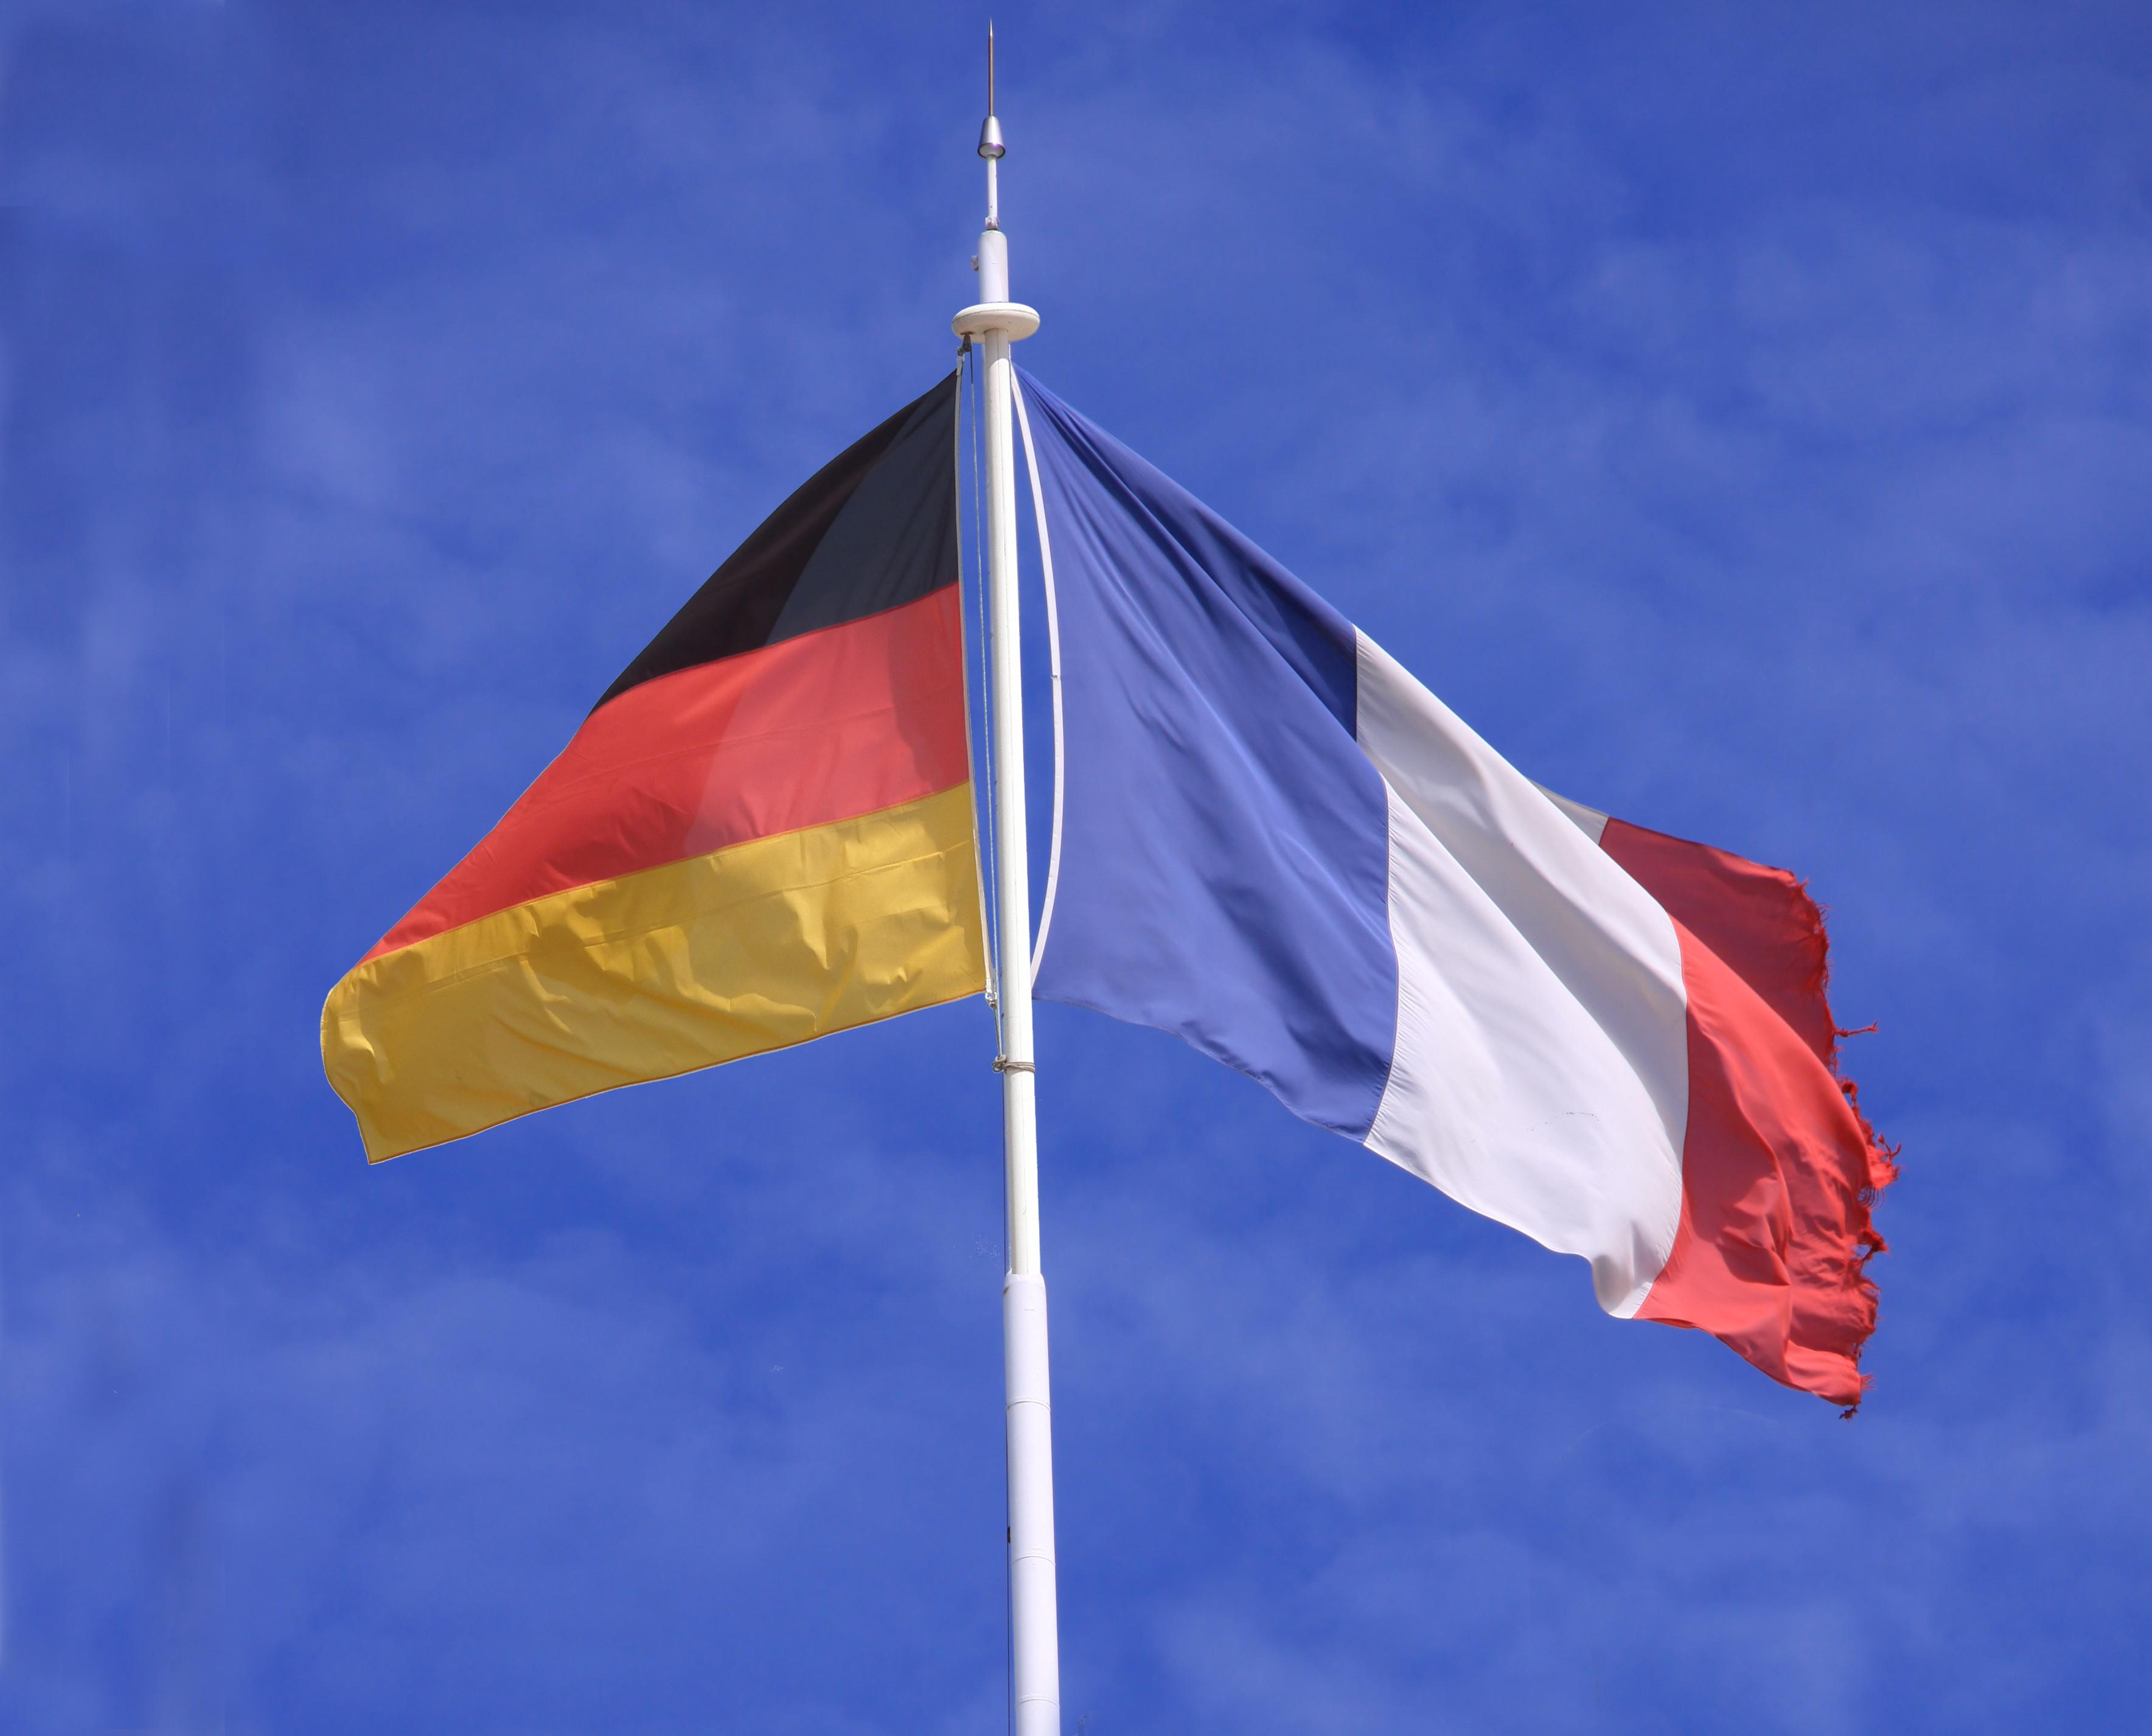 drapeaux_franco-allemand